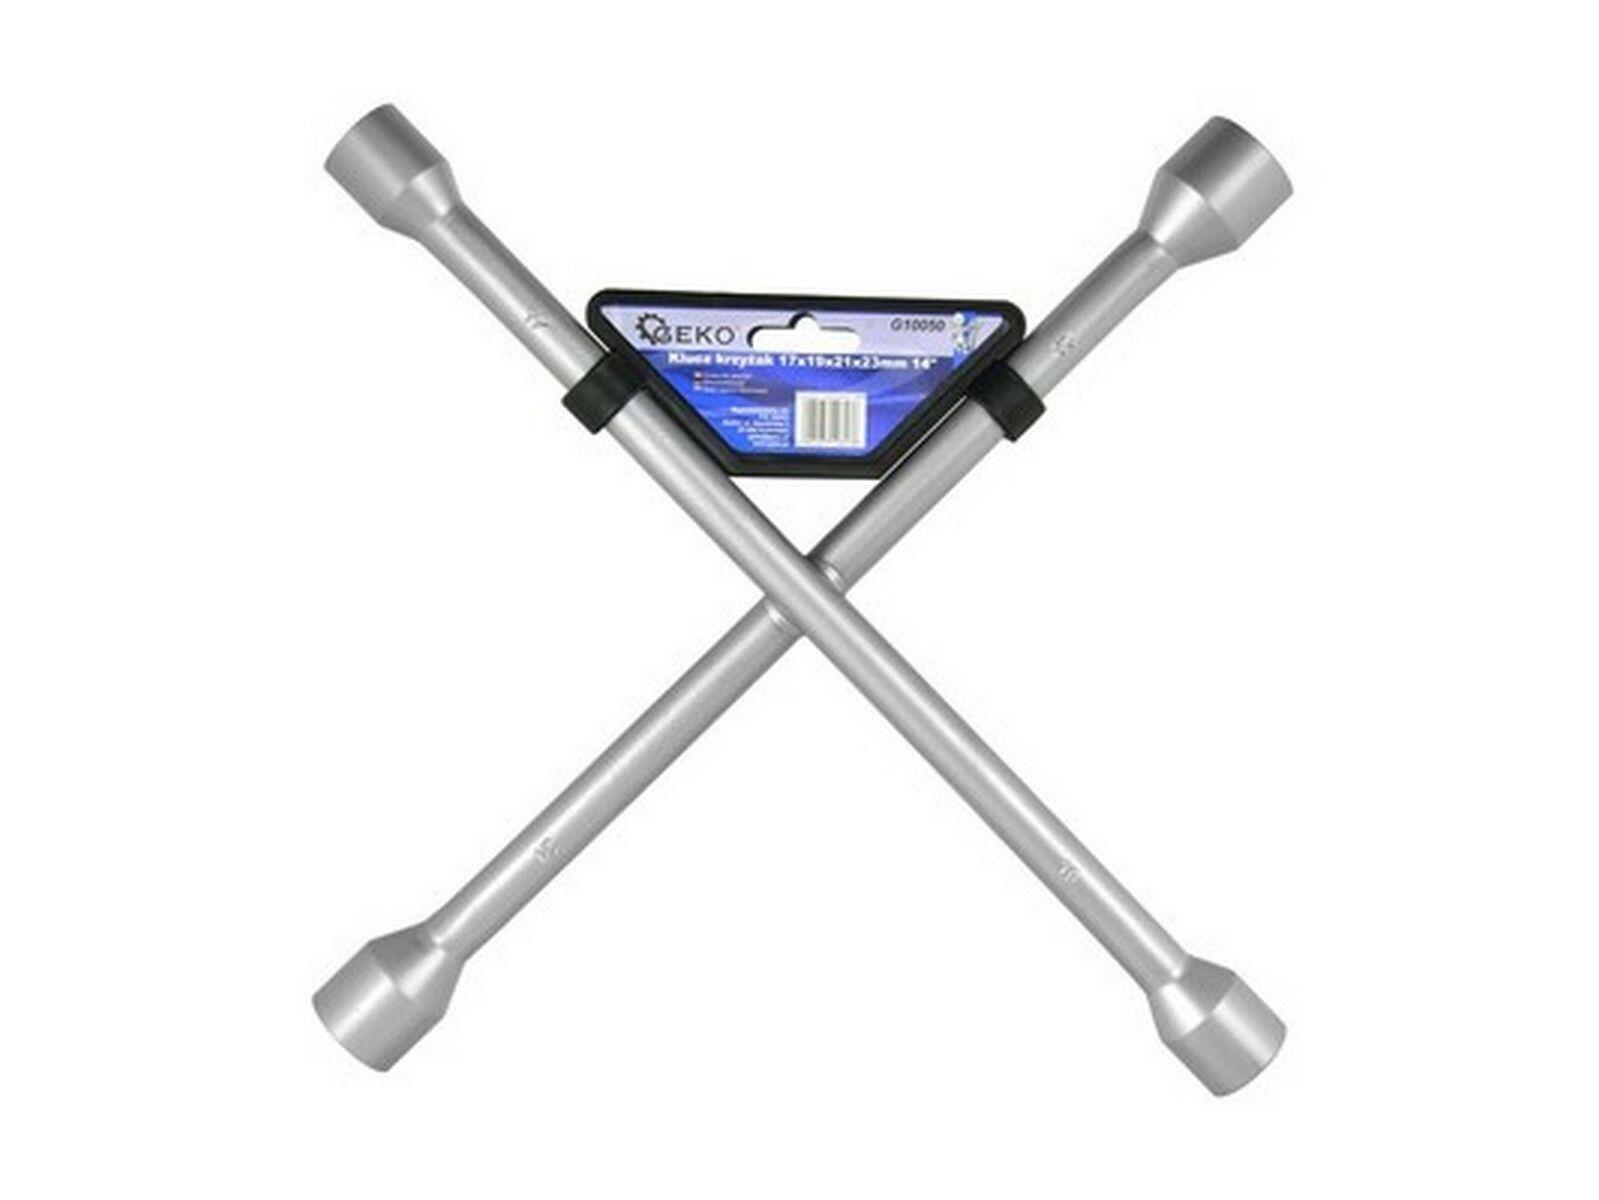 Klíč křížový na kola, 17x19x21x22mm